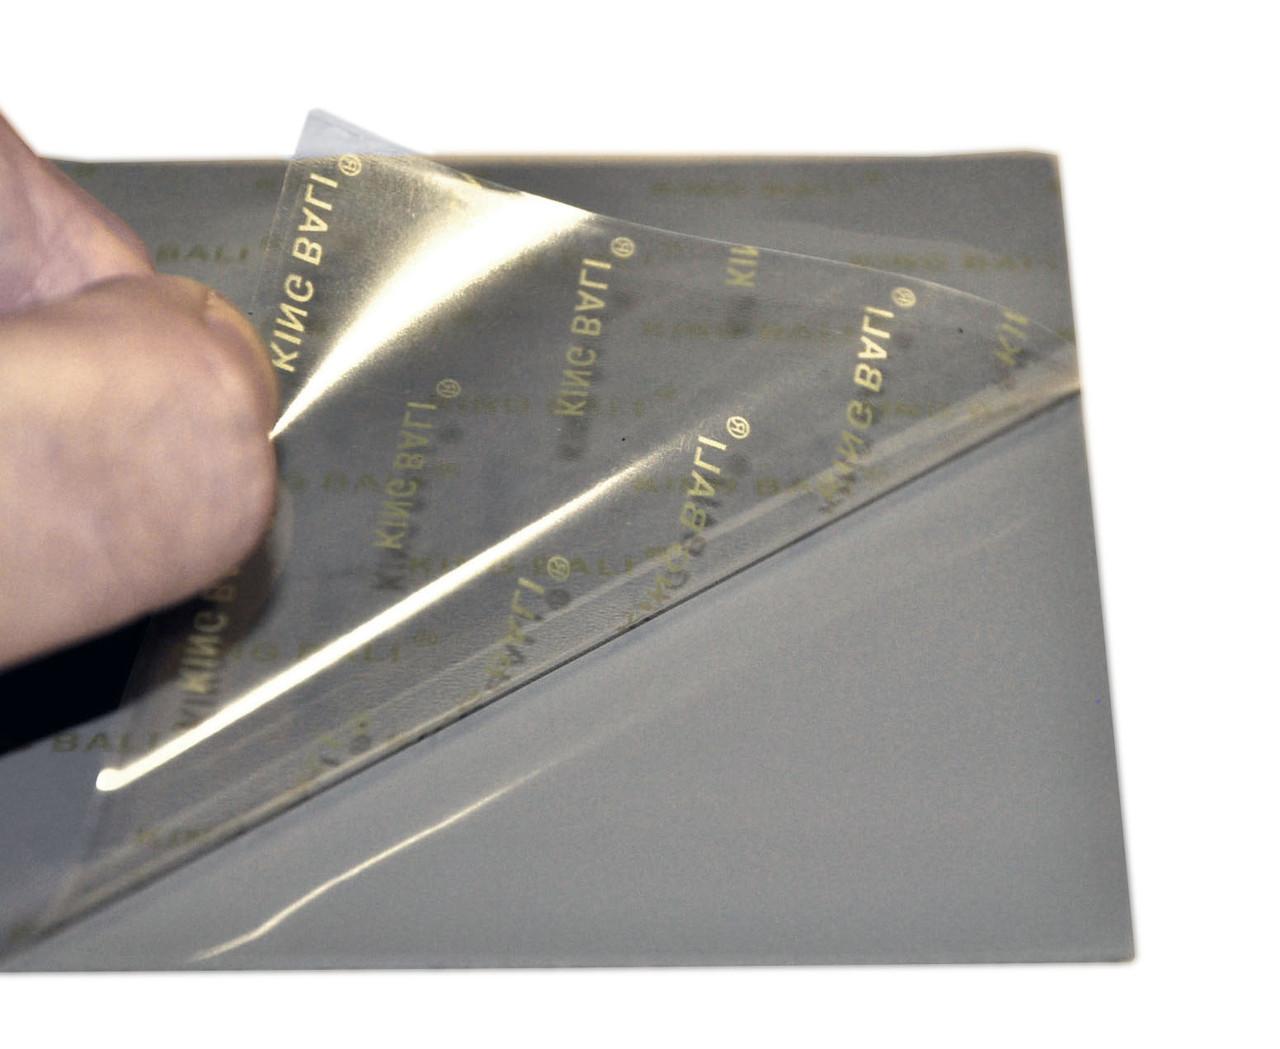 Термопрокладка KingBali DG 0.5 мм 120х120 серая 4 Вт/(м*К)термоинтерфейс (TPr-KB4DG 0.5-120)